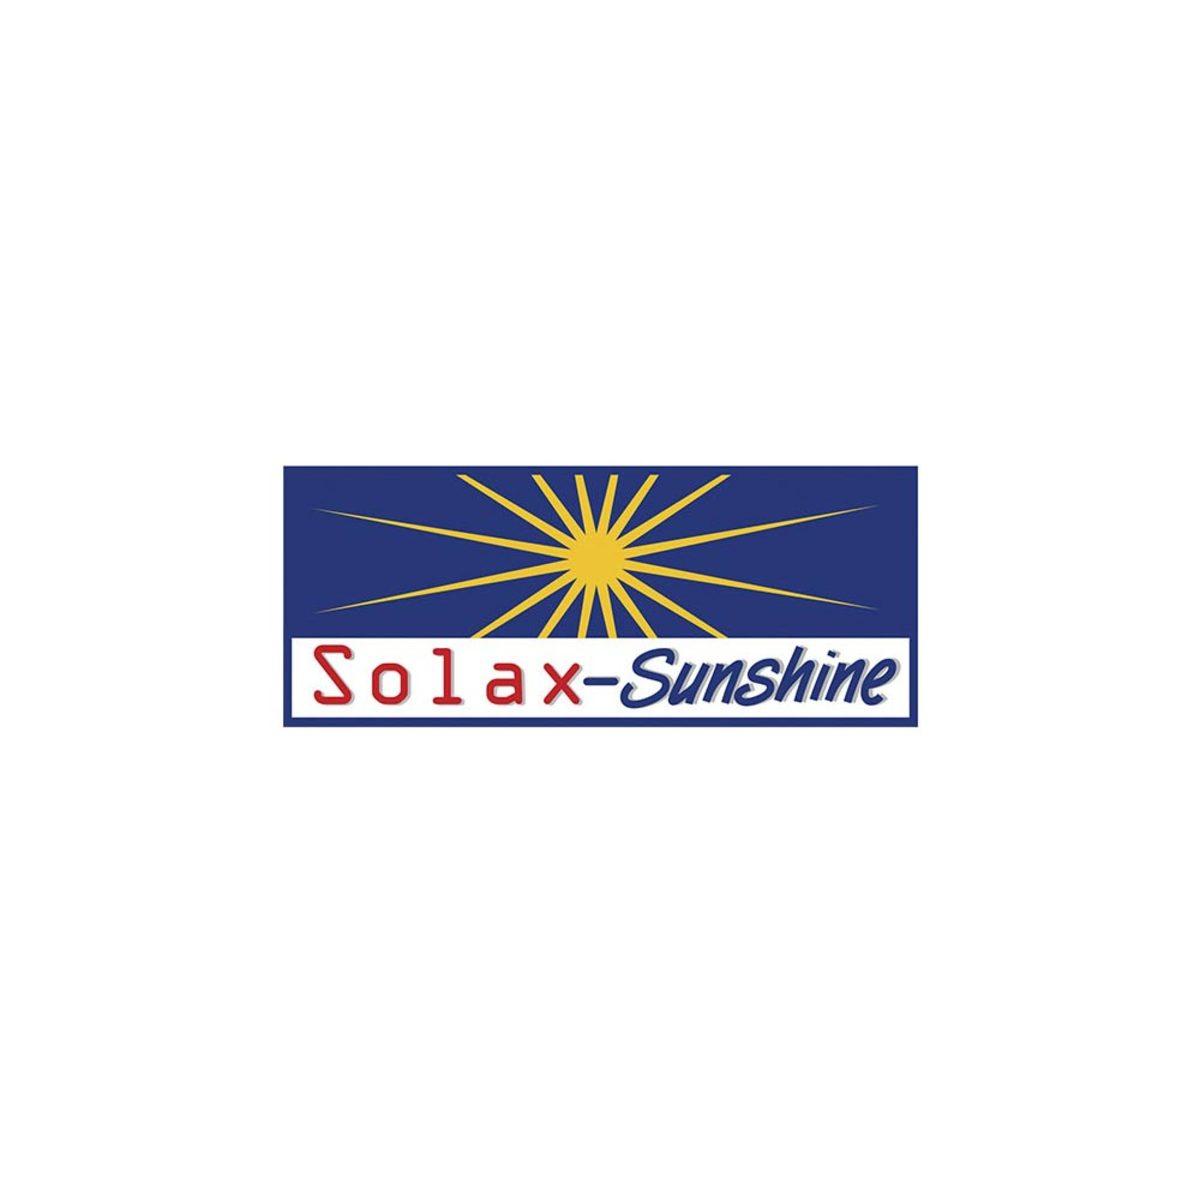 Bild 3 von Solax-Sunshine Seitliche Balkonmarkise, ca. 150 x 200 cm, Anthrazit